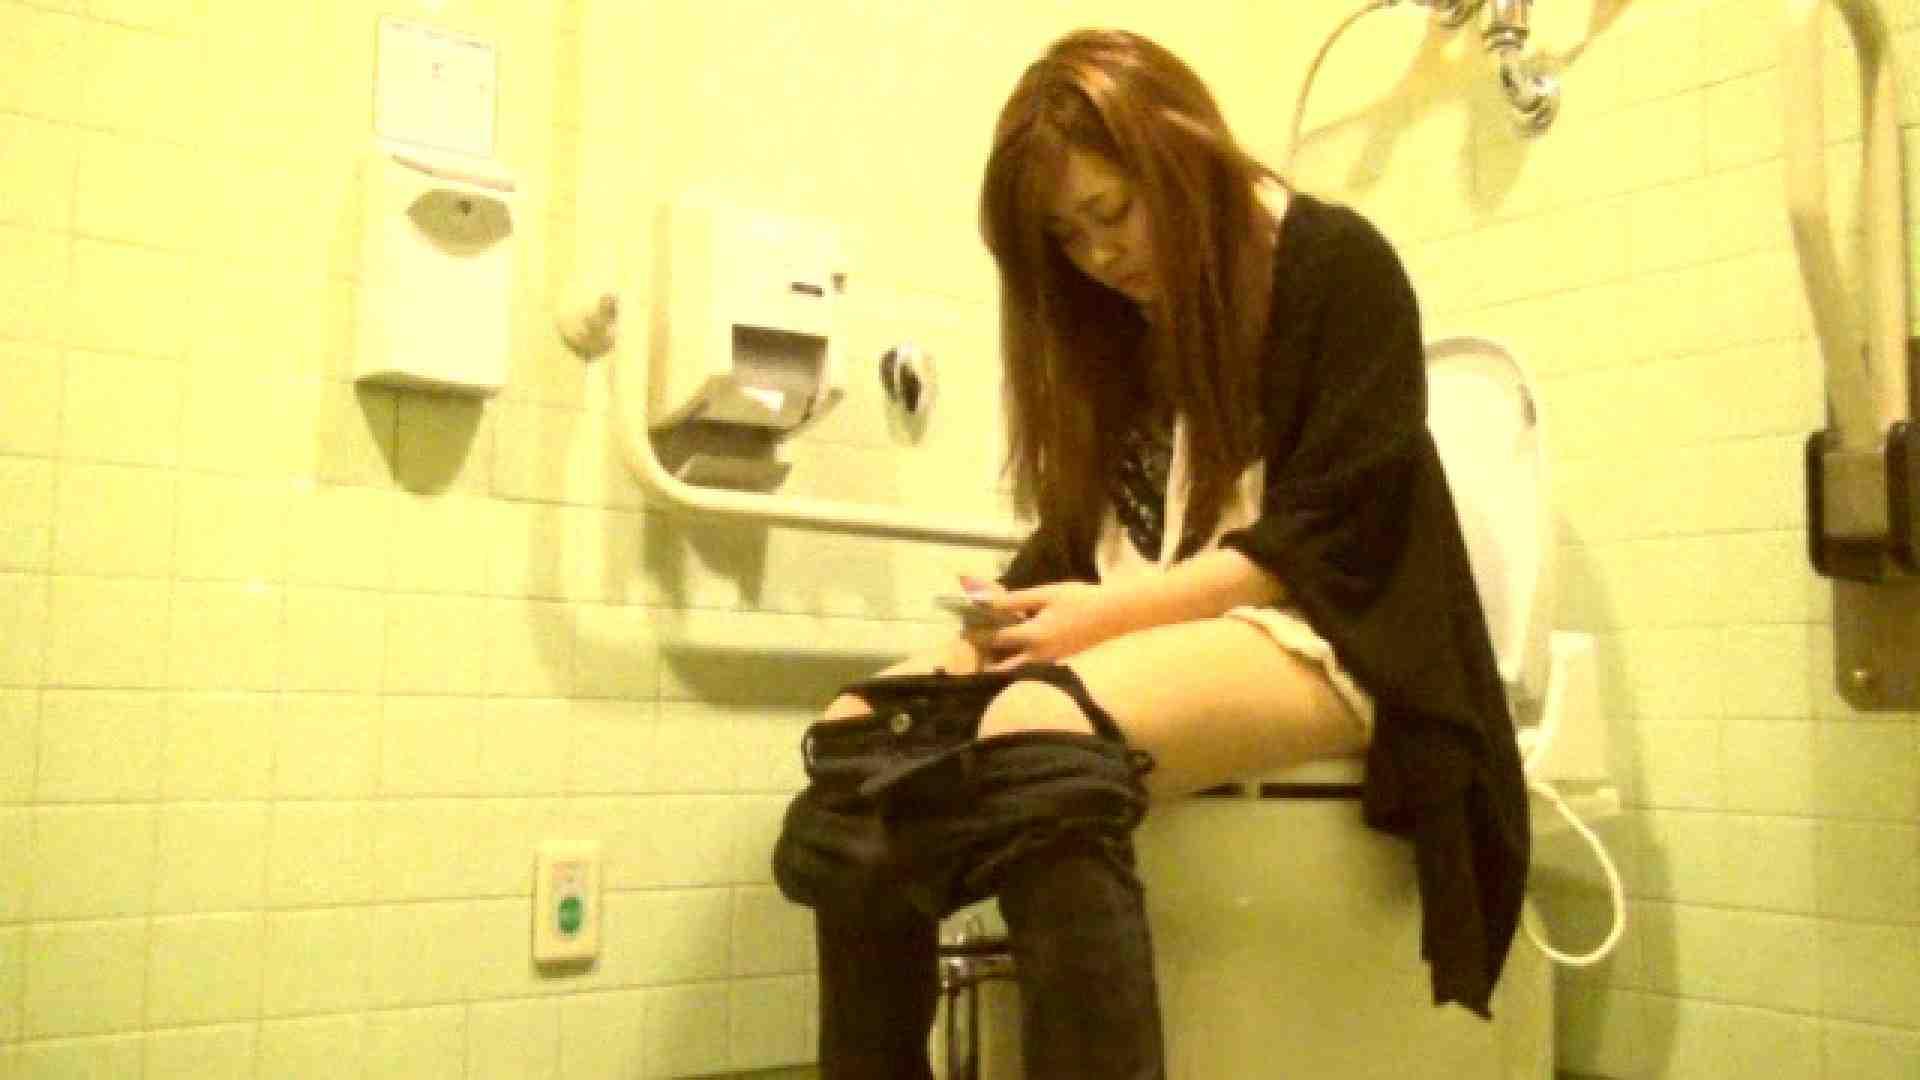 魔術師の お・も・て・な・し vol.26 19歳のバーの店員さんの洗面所をしばし… 洗面所 隠し撮りおまんこ動画流出 90pic 32